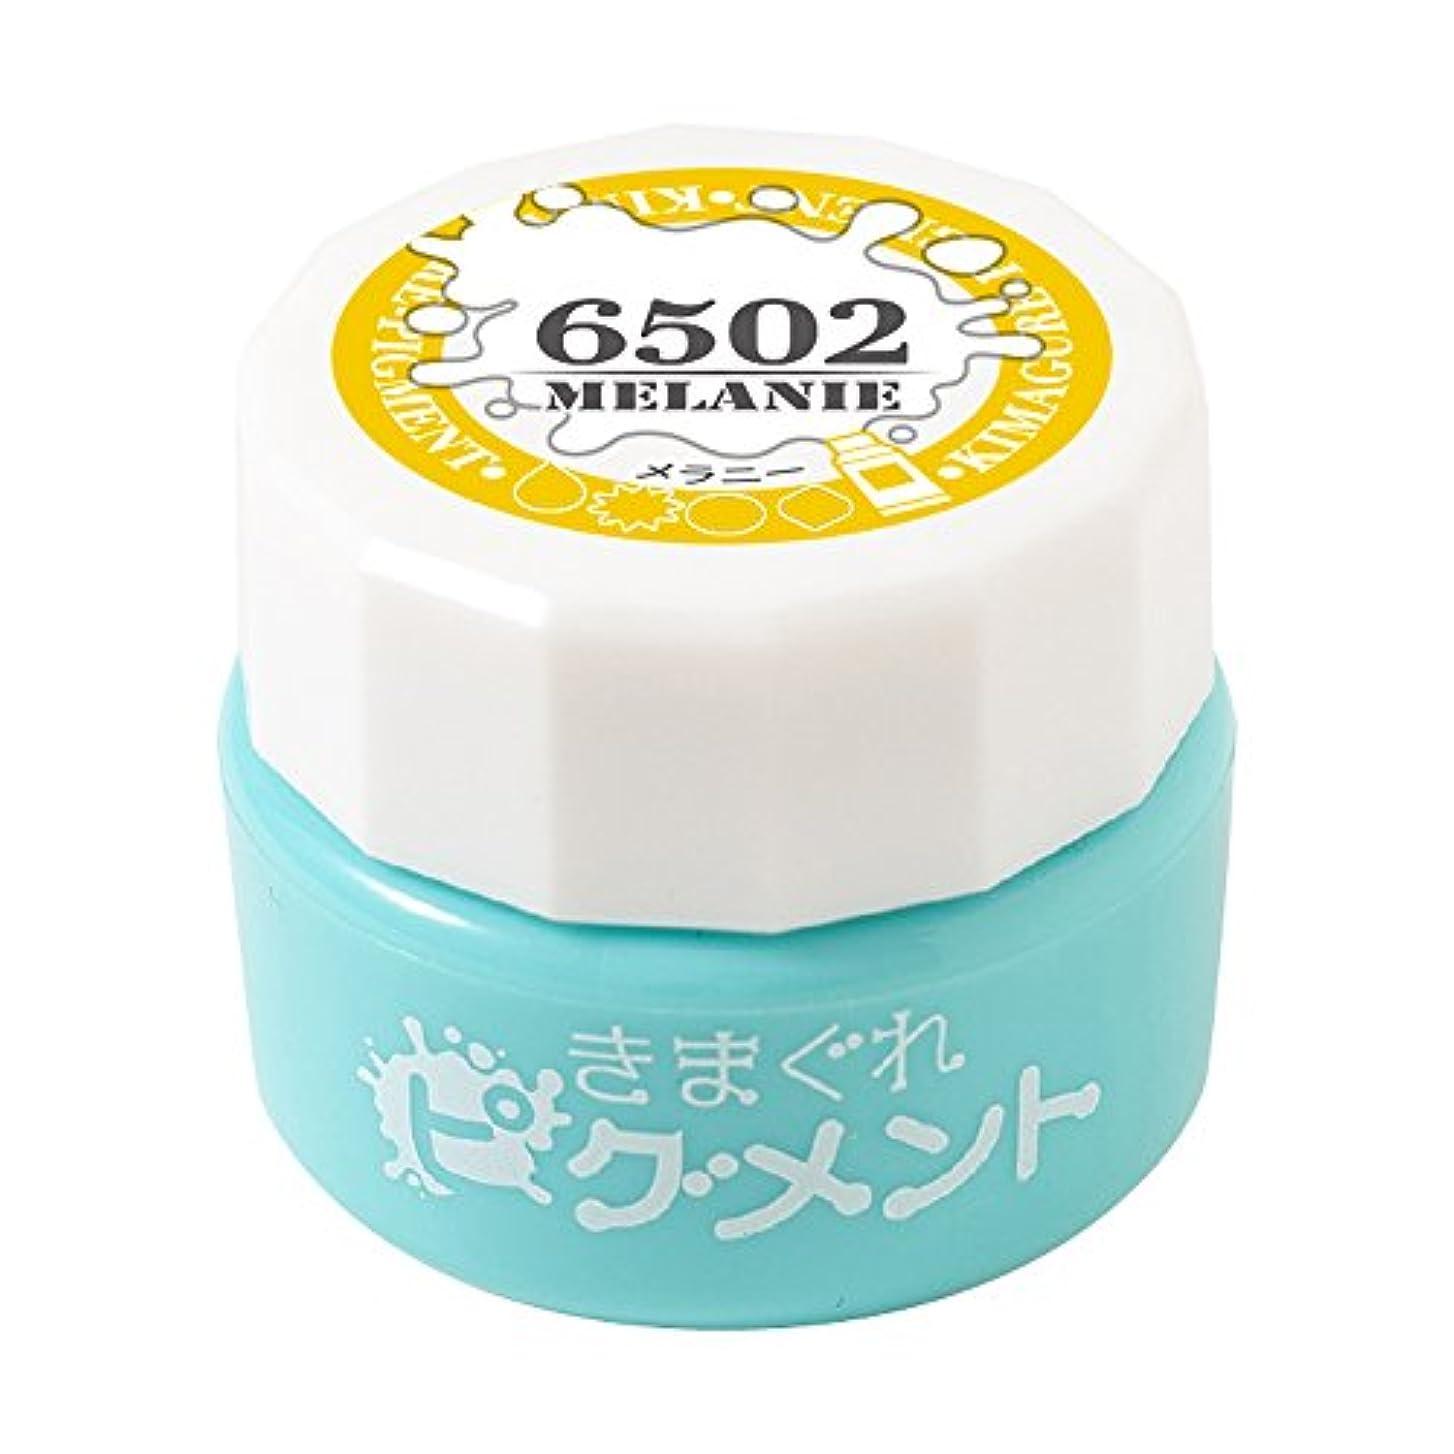 防腐剤ポンプ人物Bettygel きまぐれピグメント メラニー QYJ-6502 4g UV/LED対応